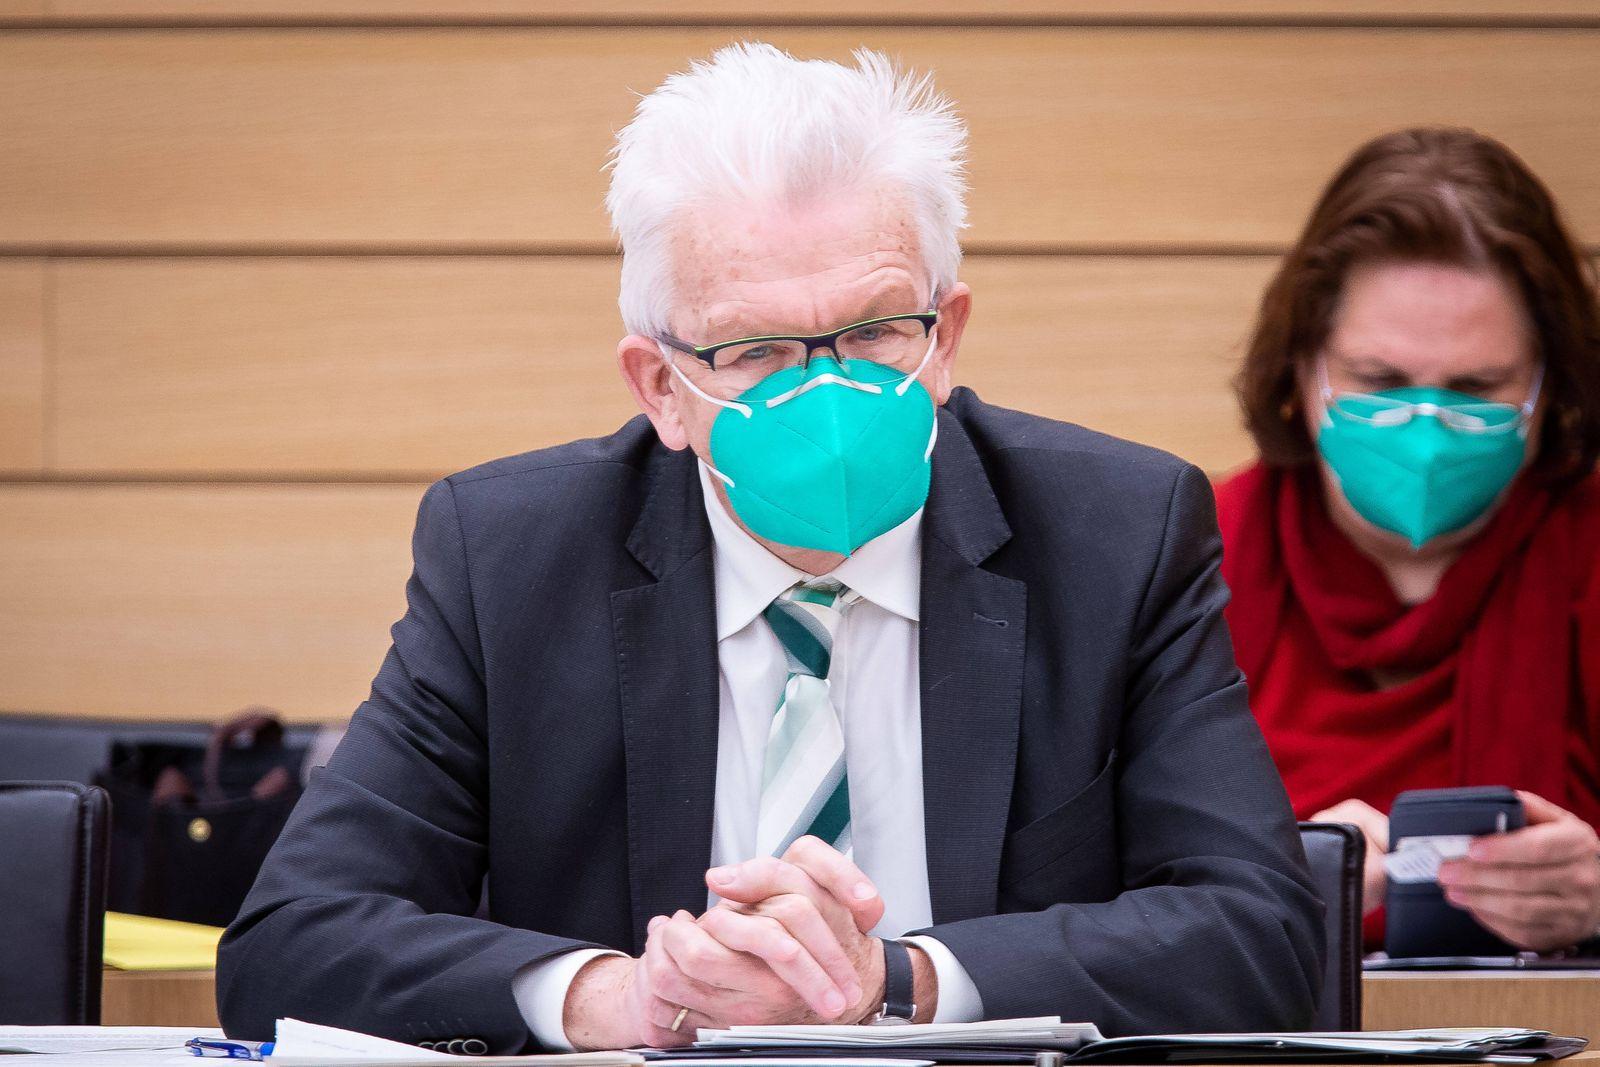 https www spiegel de politik deutschland baden wuerttemberg ministerpraesident winfried kretschmann reduziert wahlkampftermine a acd033ab 4e6c 4f81 83bd 120db21a60b4